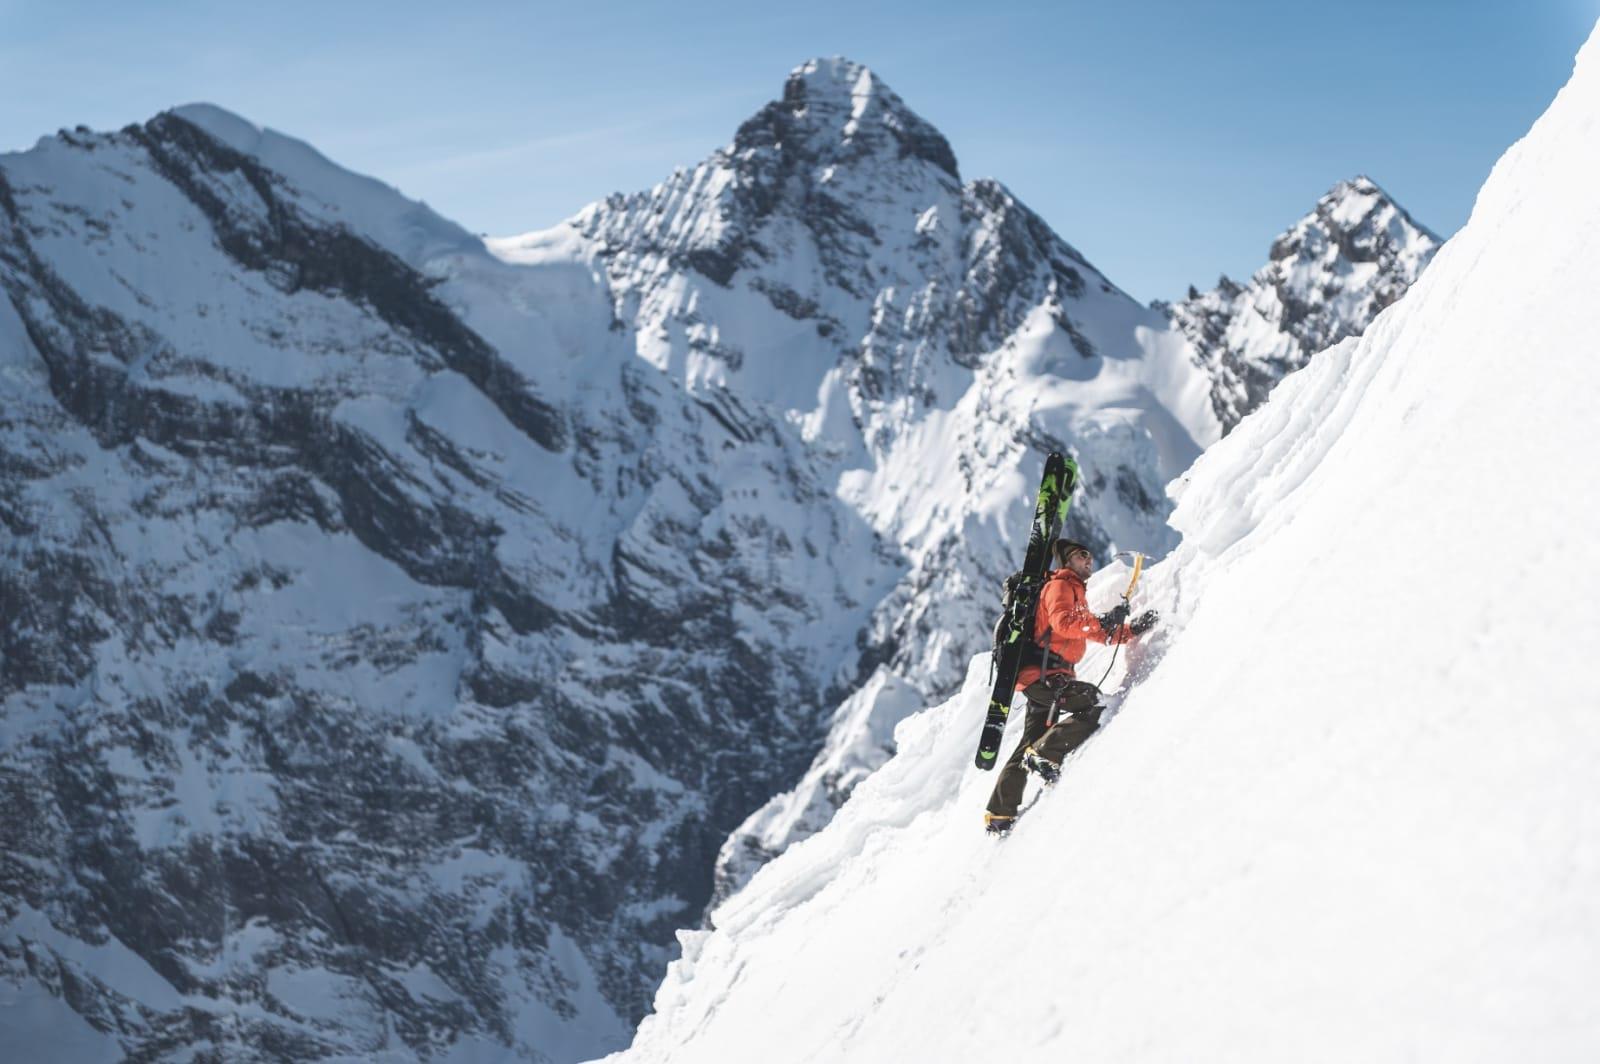 MULIGHETER: Er du ute etter bratt terreng, så er Mürren et sted du bør vurdere. Kanskje ikke helt på høyde med Chamonix, men med en brøkdel så mange sultne skikjørere.